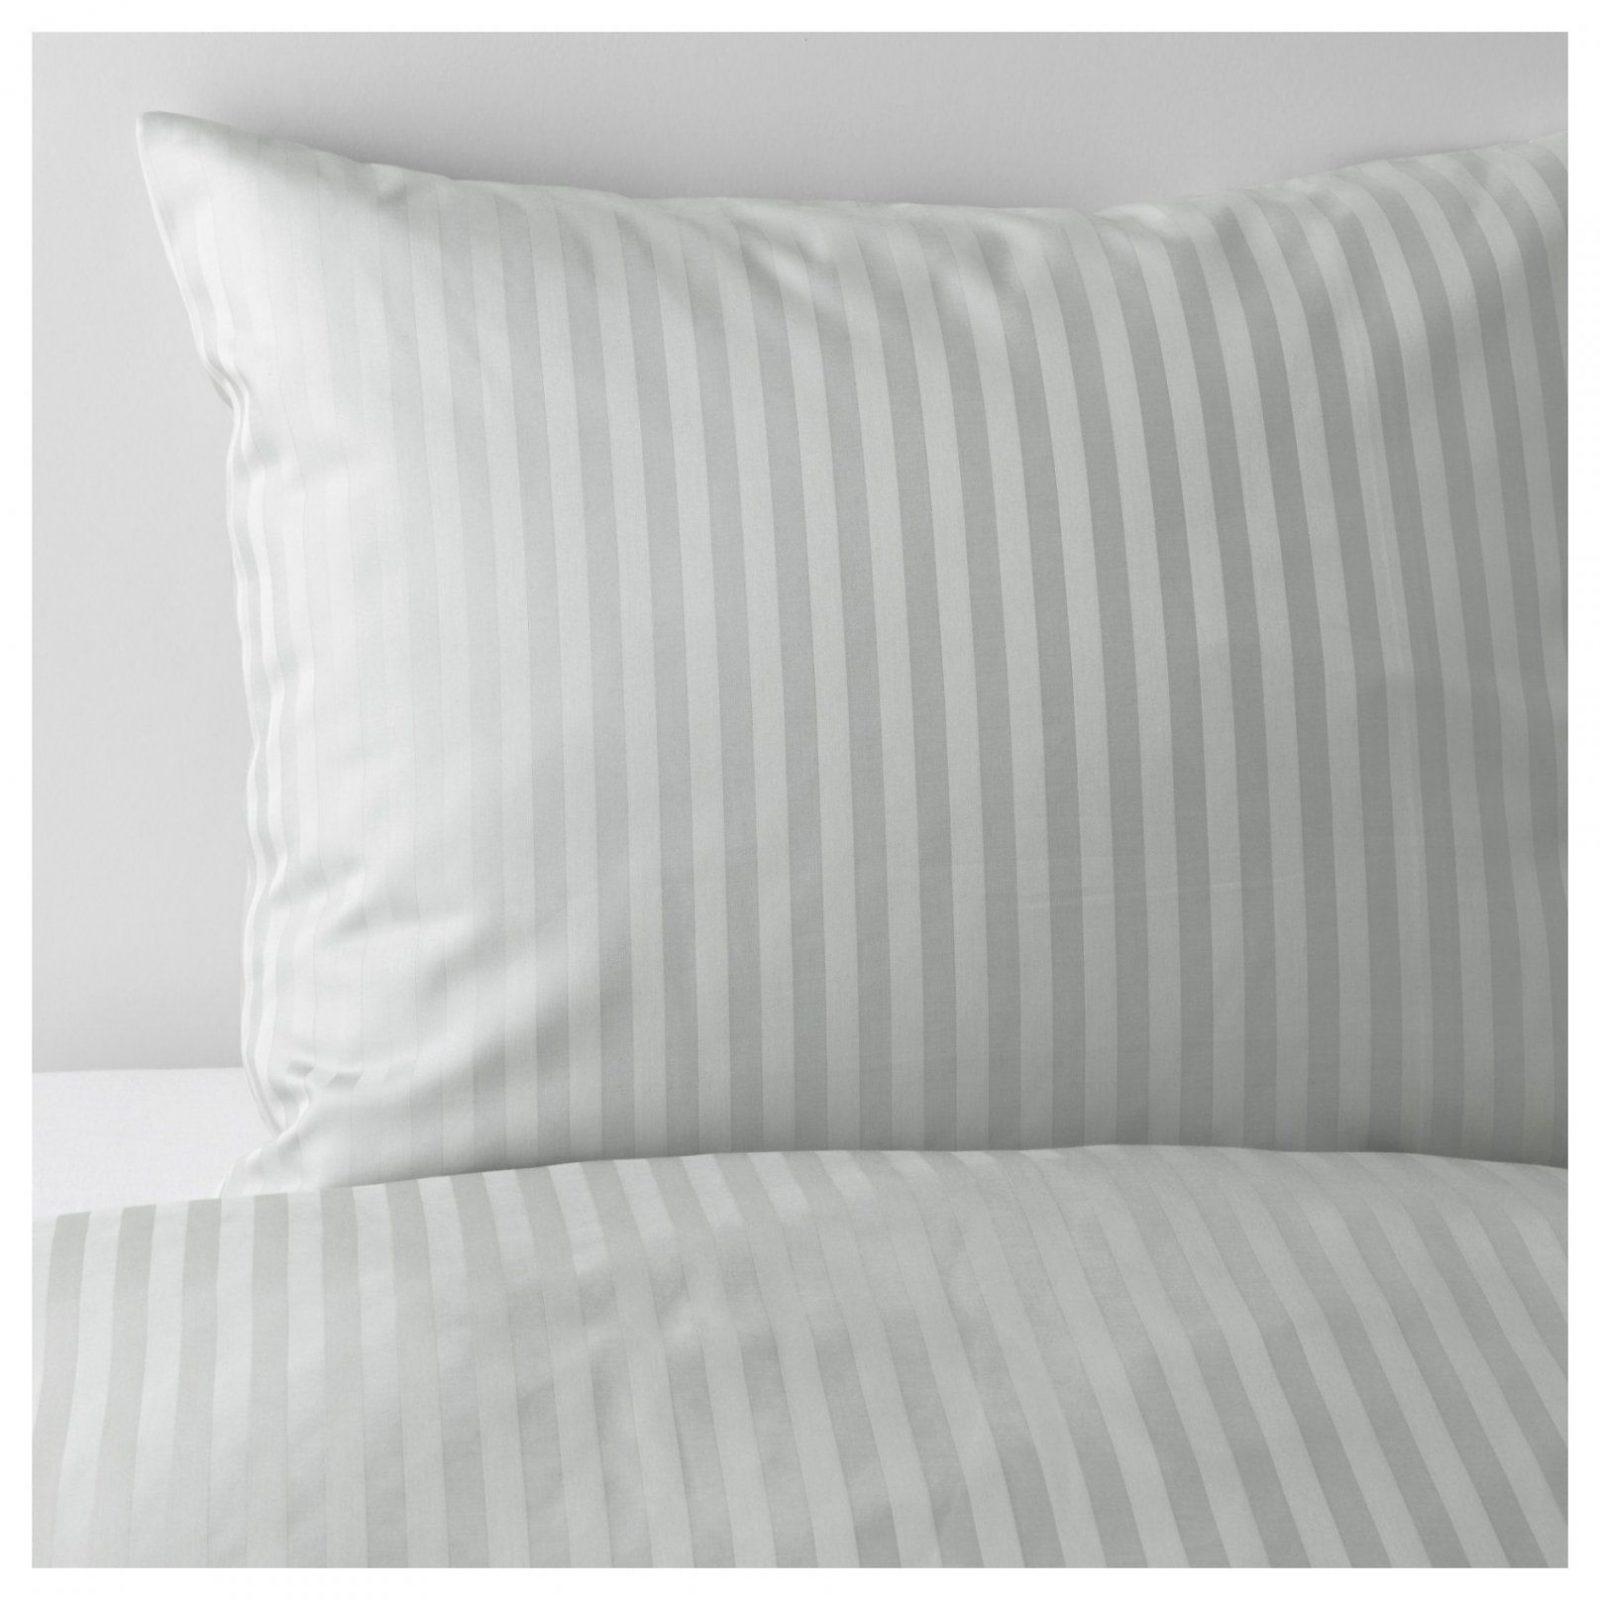 Schön Bettwäsche Günstig Online Kaufen Ikea Für Kinderbettwäsche von Karierte Bettwäsche Ikea Bild